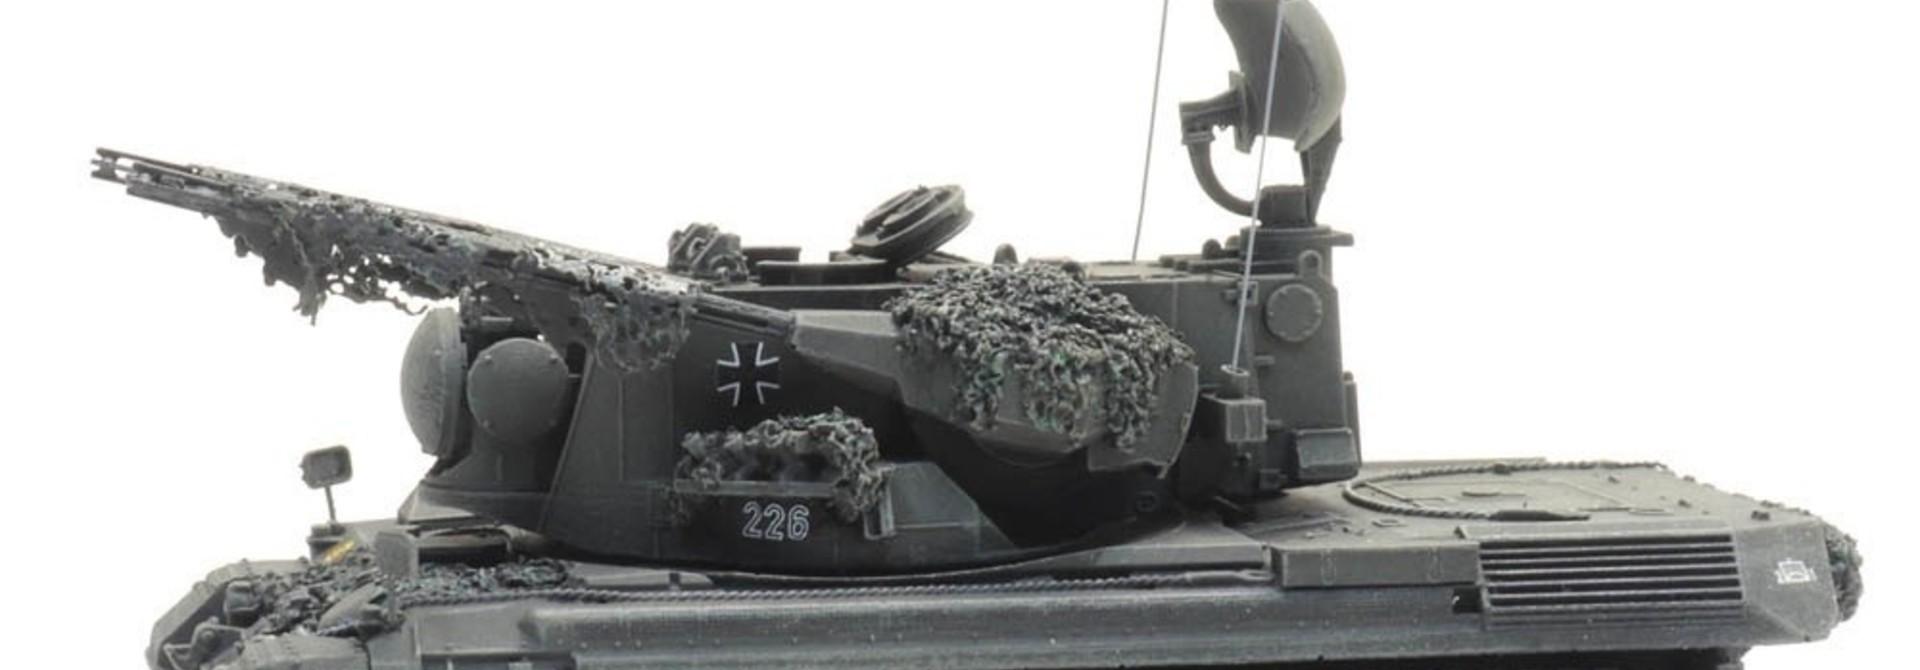 6870395 BRD Flugabwehrkanonenpanzer 1 Gepard gefechtsklar